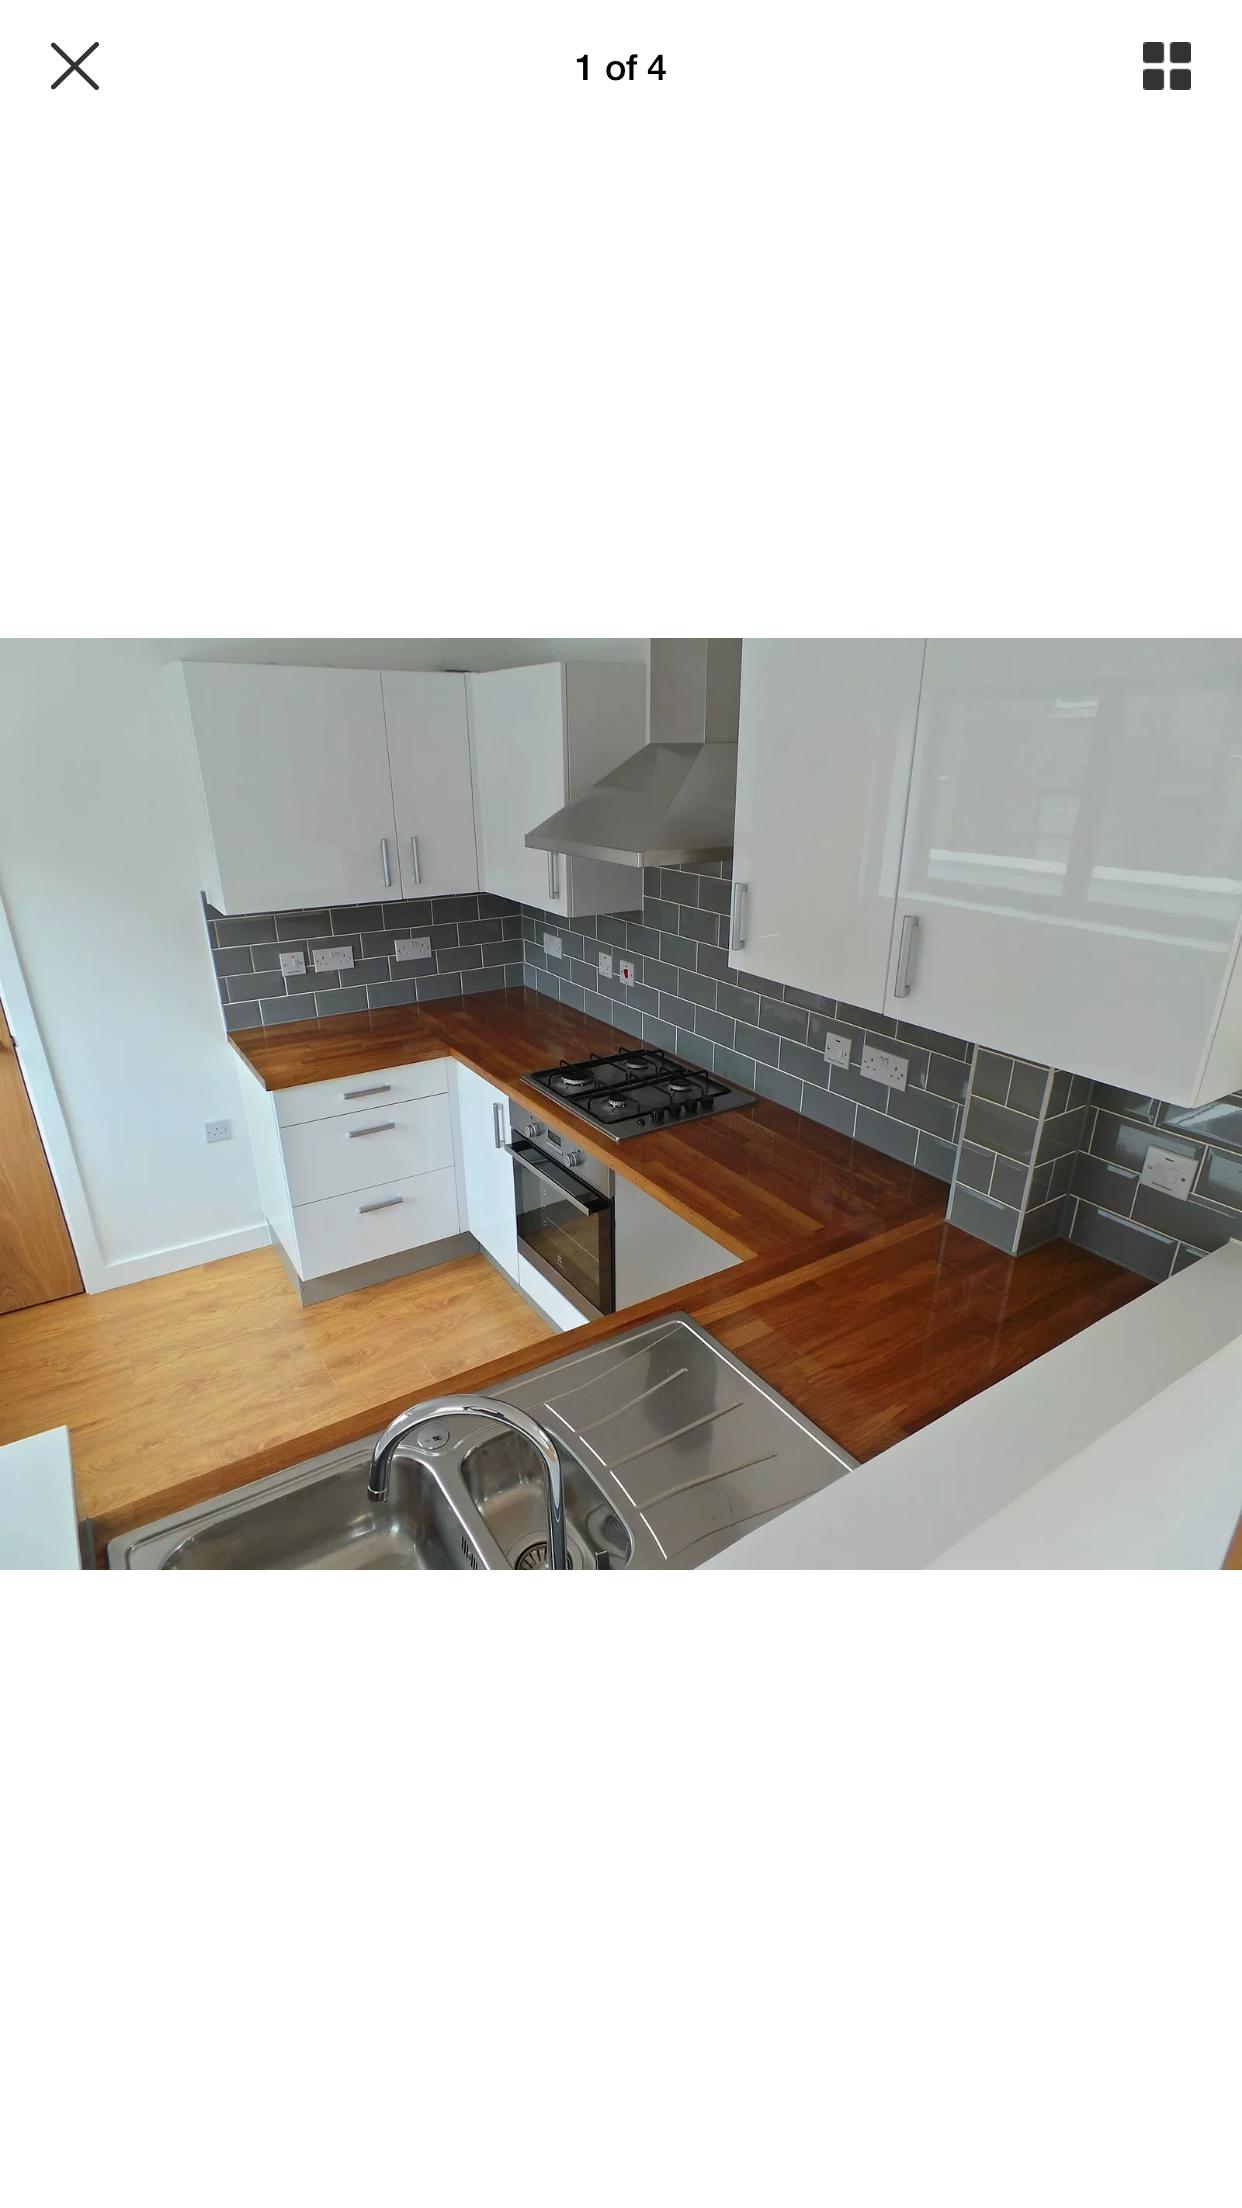 Ausgezeichnet Küchenmonteur Jobs Brisbane Bilder - Ideen Für Die ...